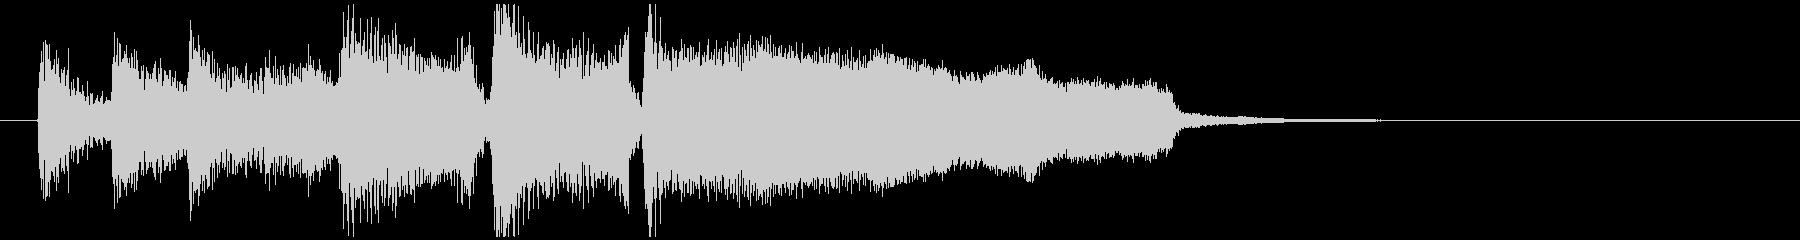 くじ引きやビンゴの結果発表っぽいジングルの未再生の波形